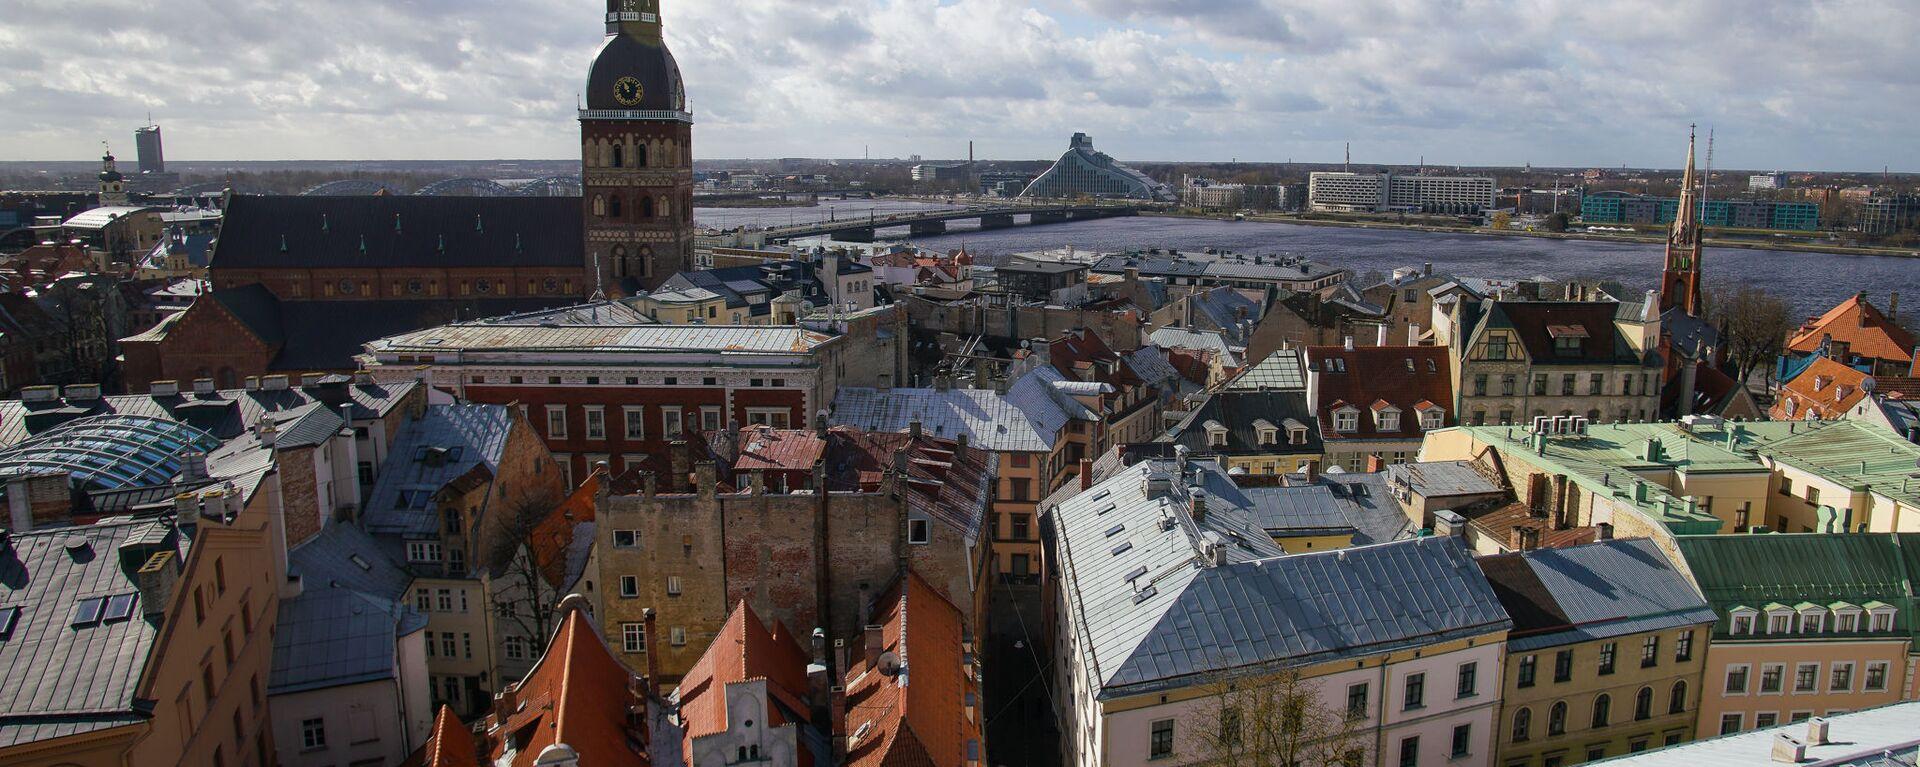 В Риге демонтировали петушка с церкви Св.Иакова, чтобы отреставрировать и заменить позолоту - Sputnik Latvija, 1920, 30.07.2021